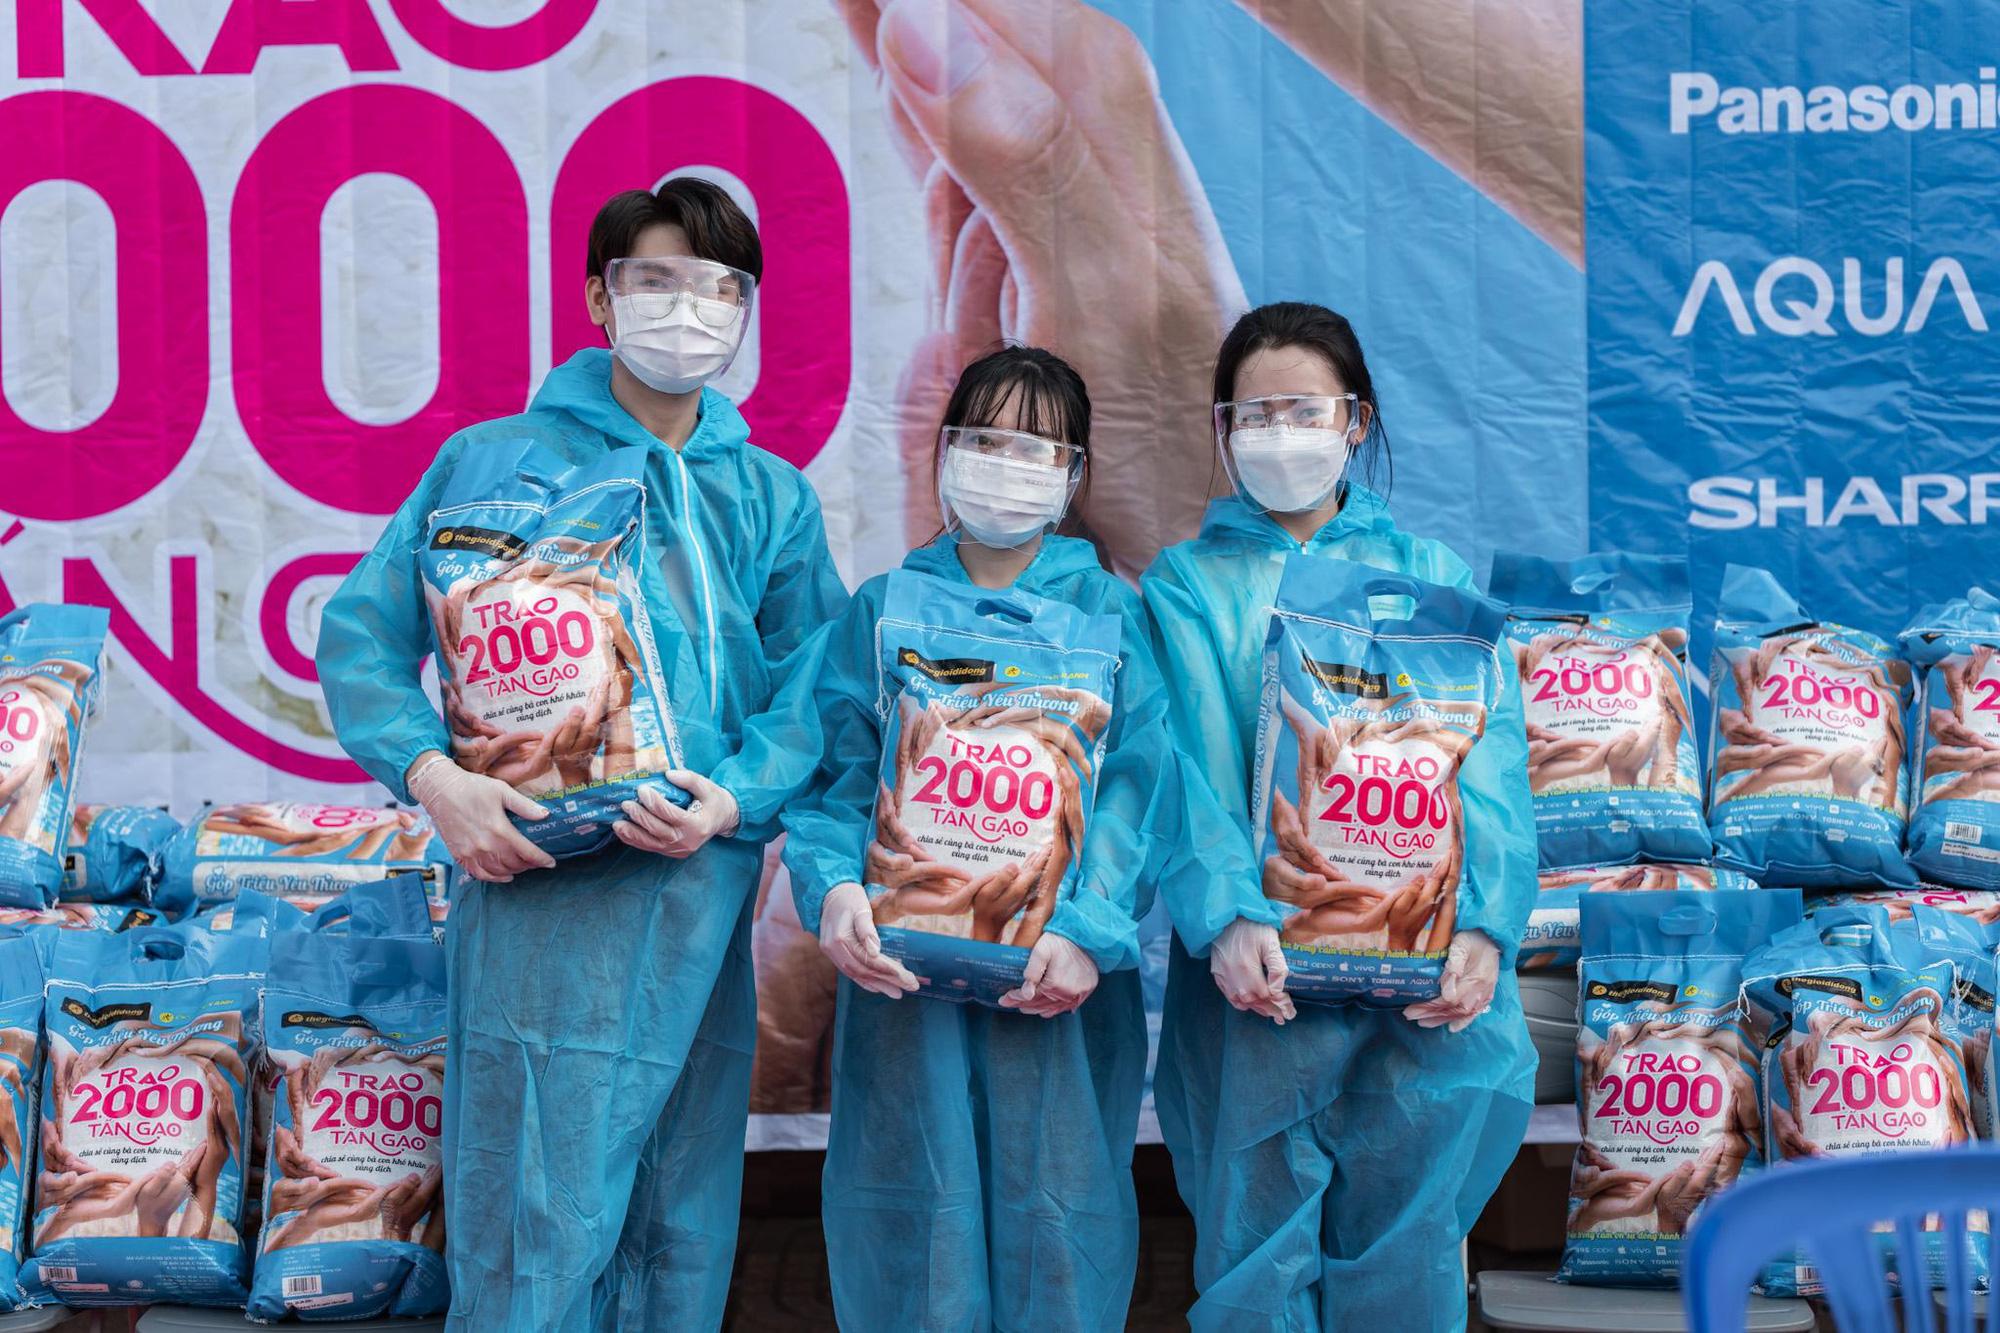 Thế Giới Di Động và Điện máy Xanh trao tặng 2.000 tấn gạo, triệu bữa ăn no - Ảnh 3.